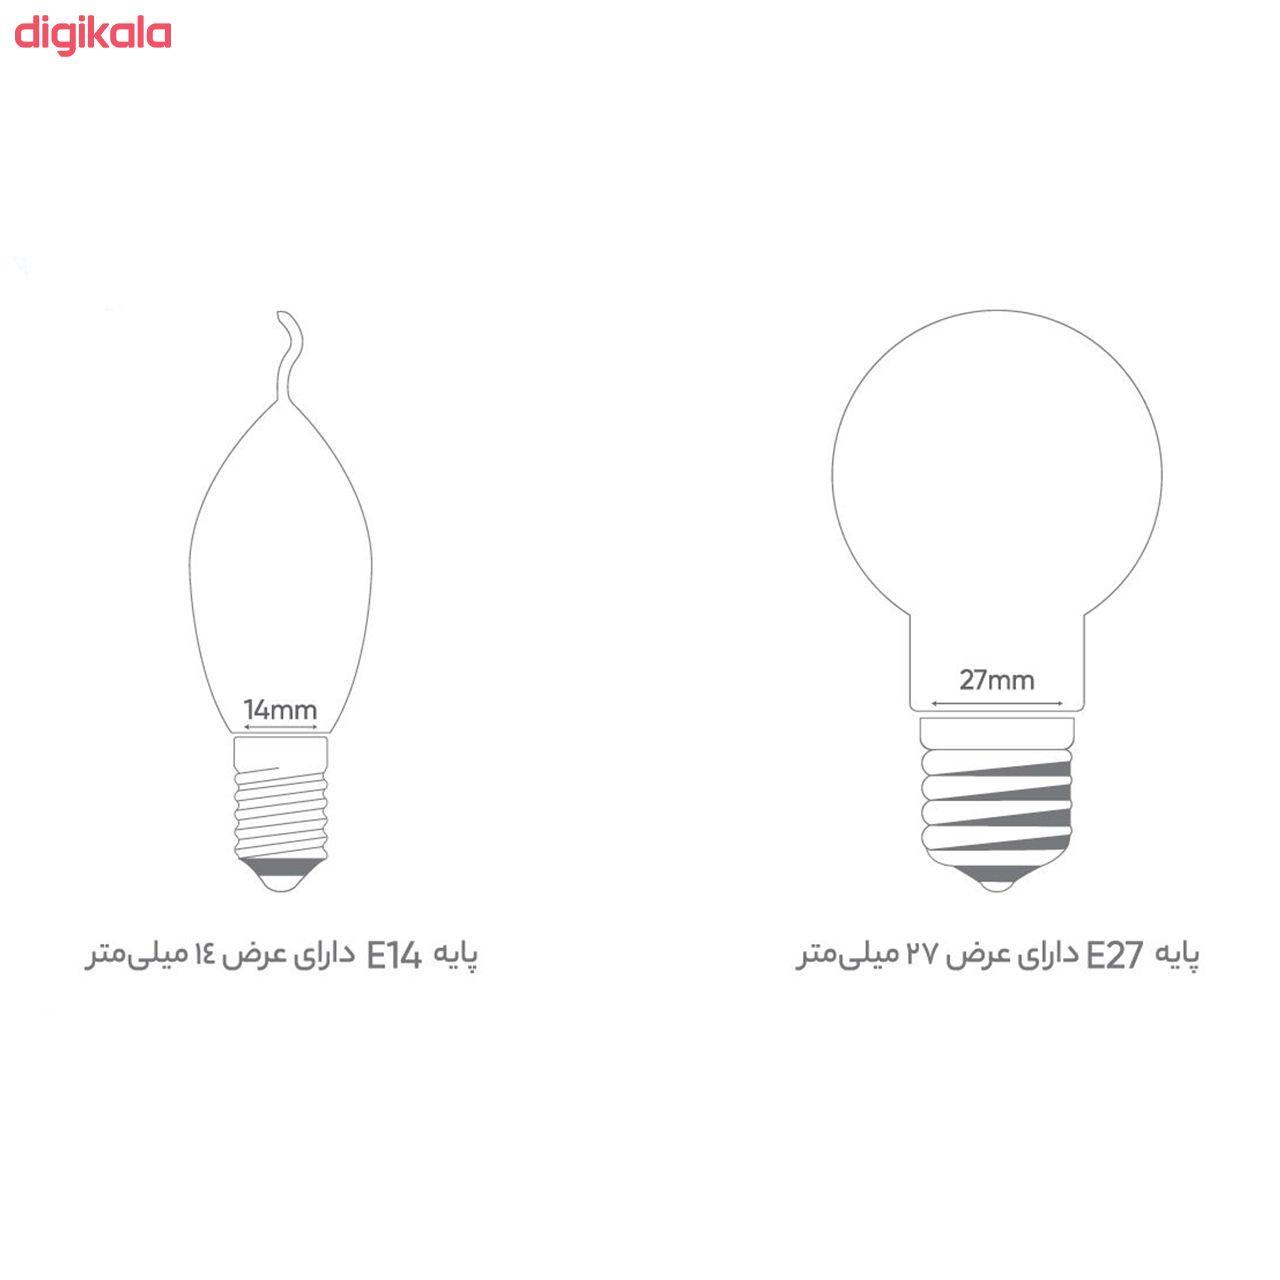 لامپ ال ای دی 7 وات بروکس پایه E14 بسته 3 عددی main 1 3